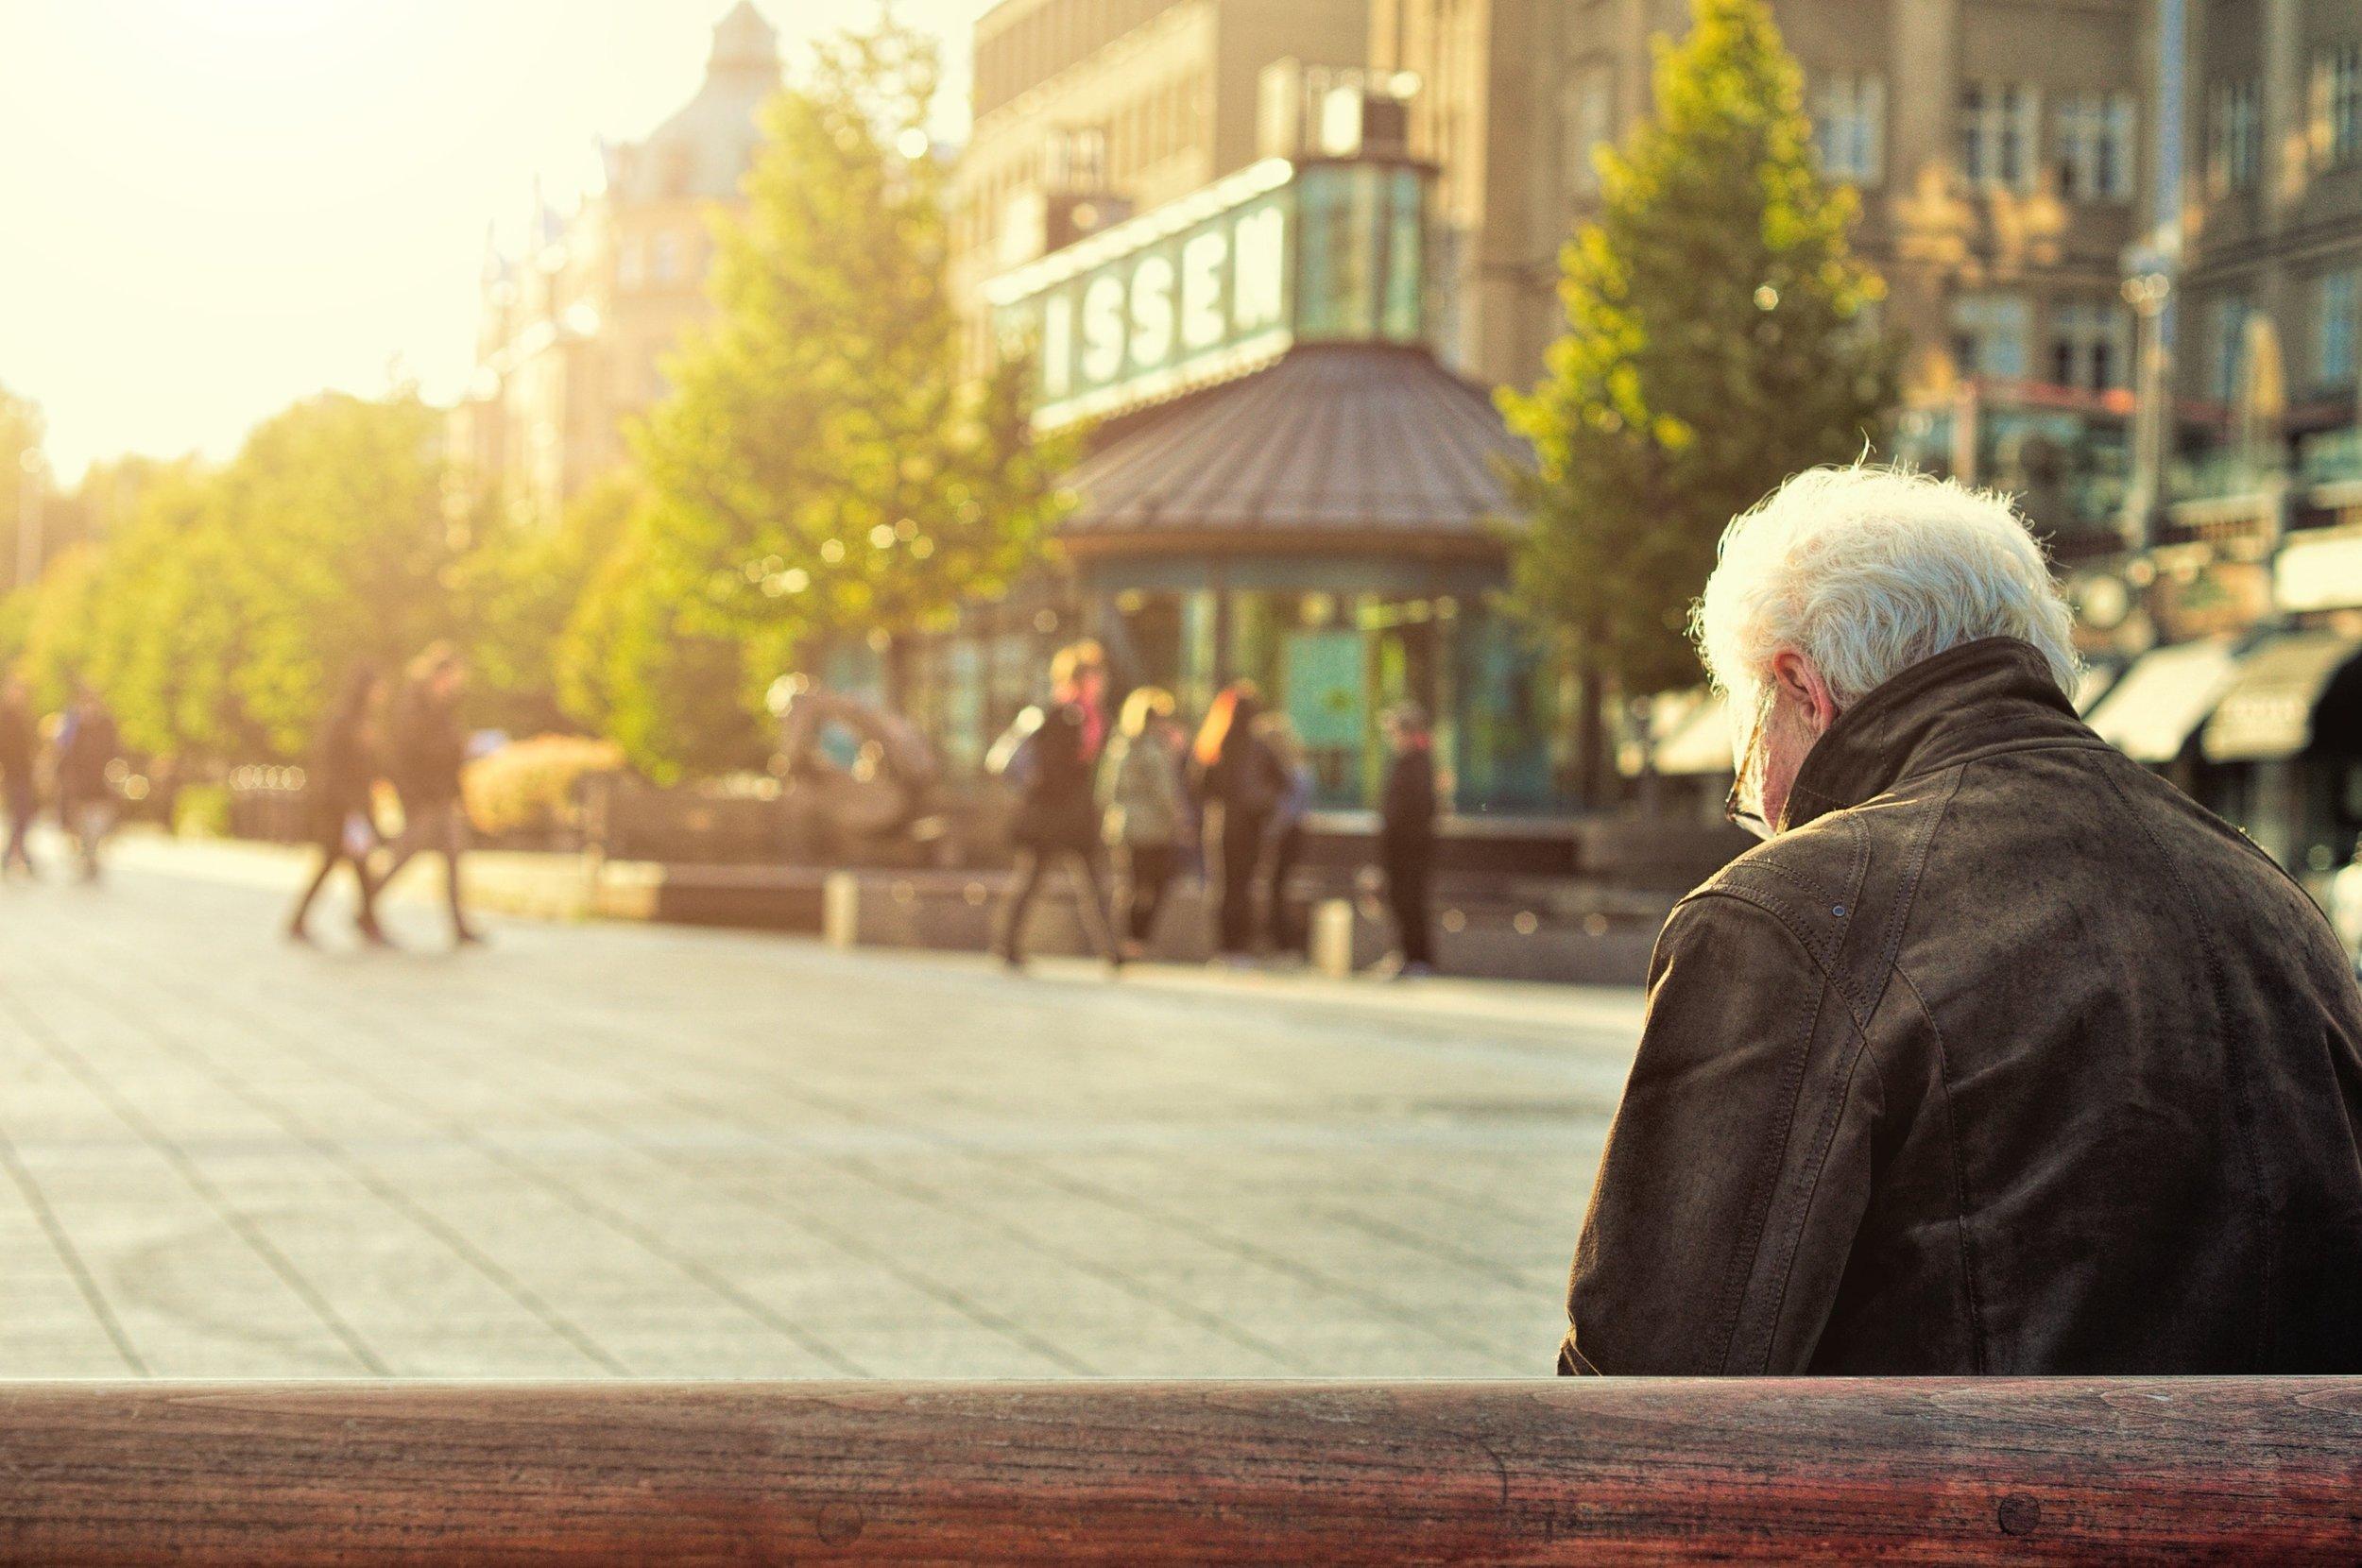 veteran-alone-city-square